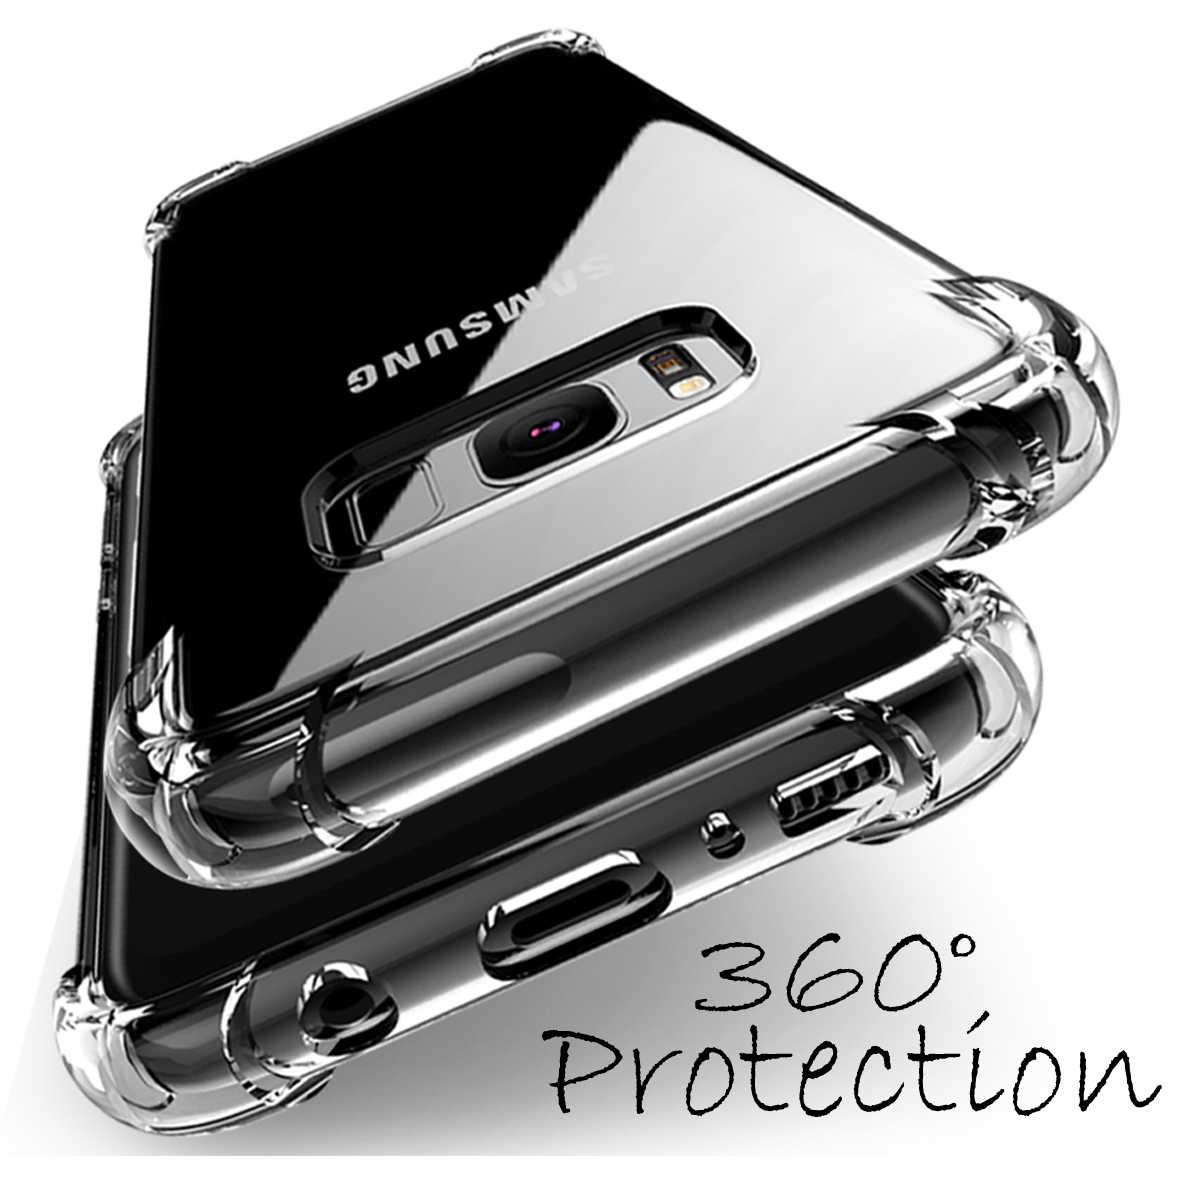 สำหรับ Samsung Galaxy J2core/J260 J4 J6 J8 A6 2018 S9 S8 S7 S6 ขอบหมายเหตุ 8 J7 J5 prime A720 A520 Clear Soft TPU ป้องกันกรณี